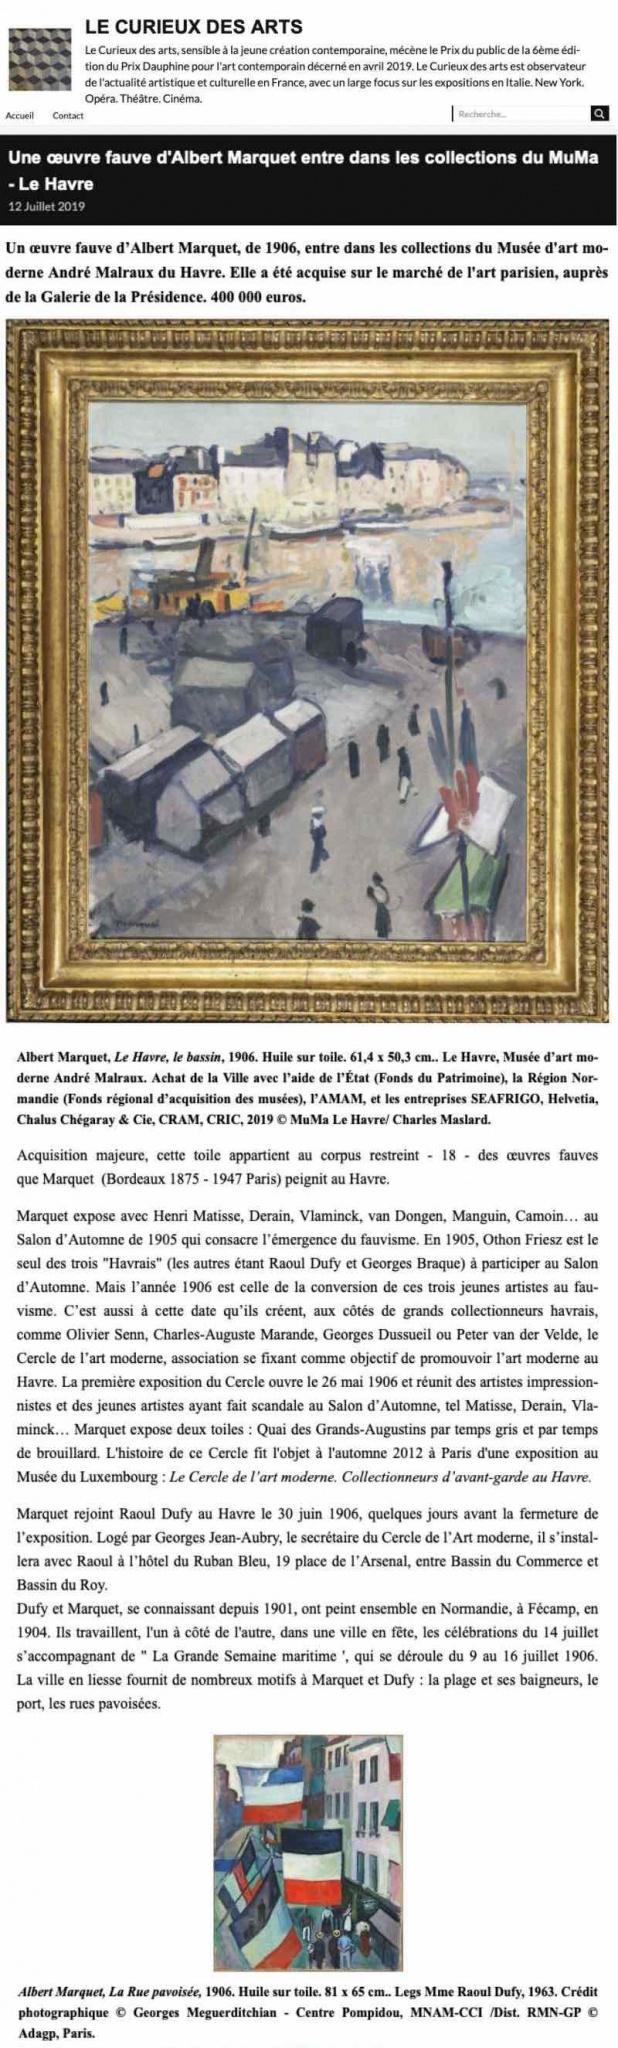 Article de Gilles Kraemer, Le Curieux des Arts : Une œuvre fauve d'Albert Marquet entre dans les collections du MuMa Le Havre